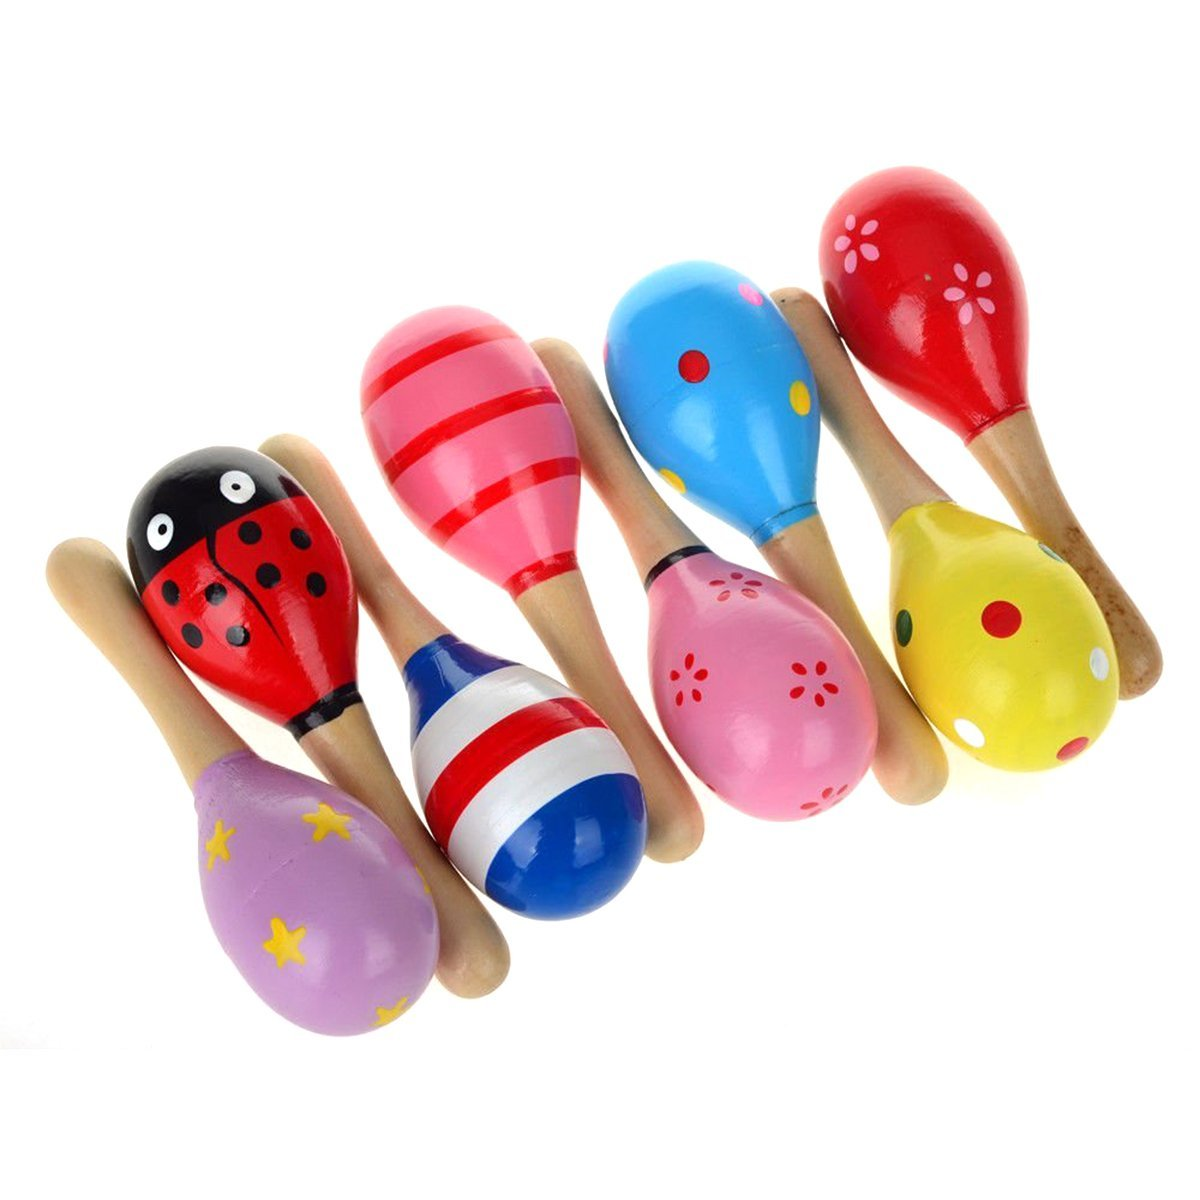 c9880f6cb PIXNOR Maracas sonajero coctelera Musical juguetes de madera para niños 10  pcs (patrón de Color al azar): Amazon.es: Bebé